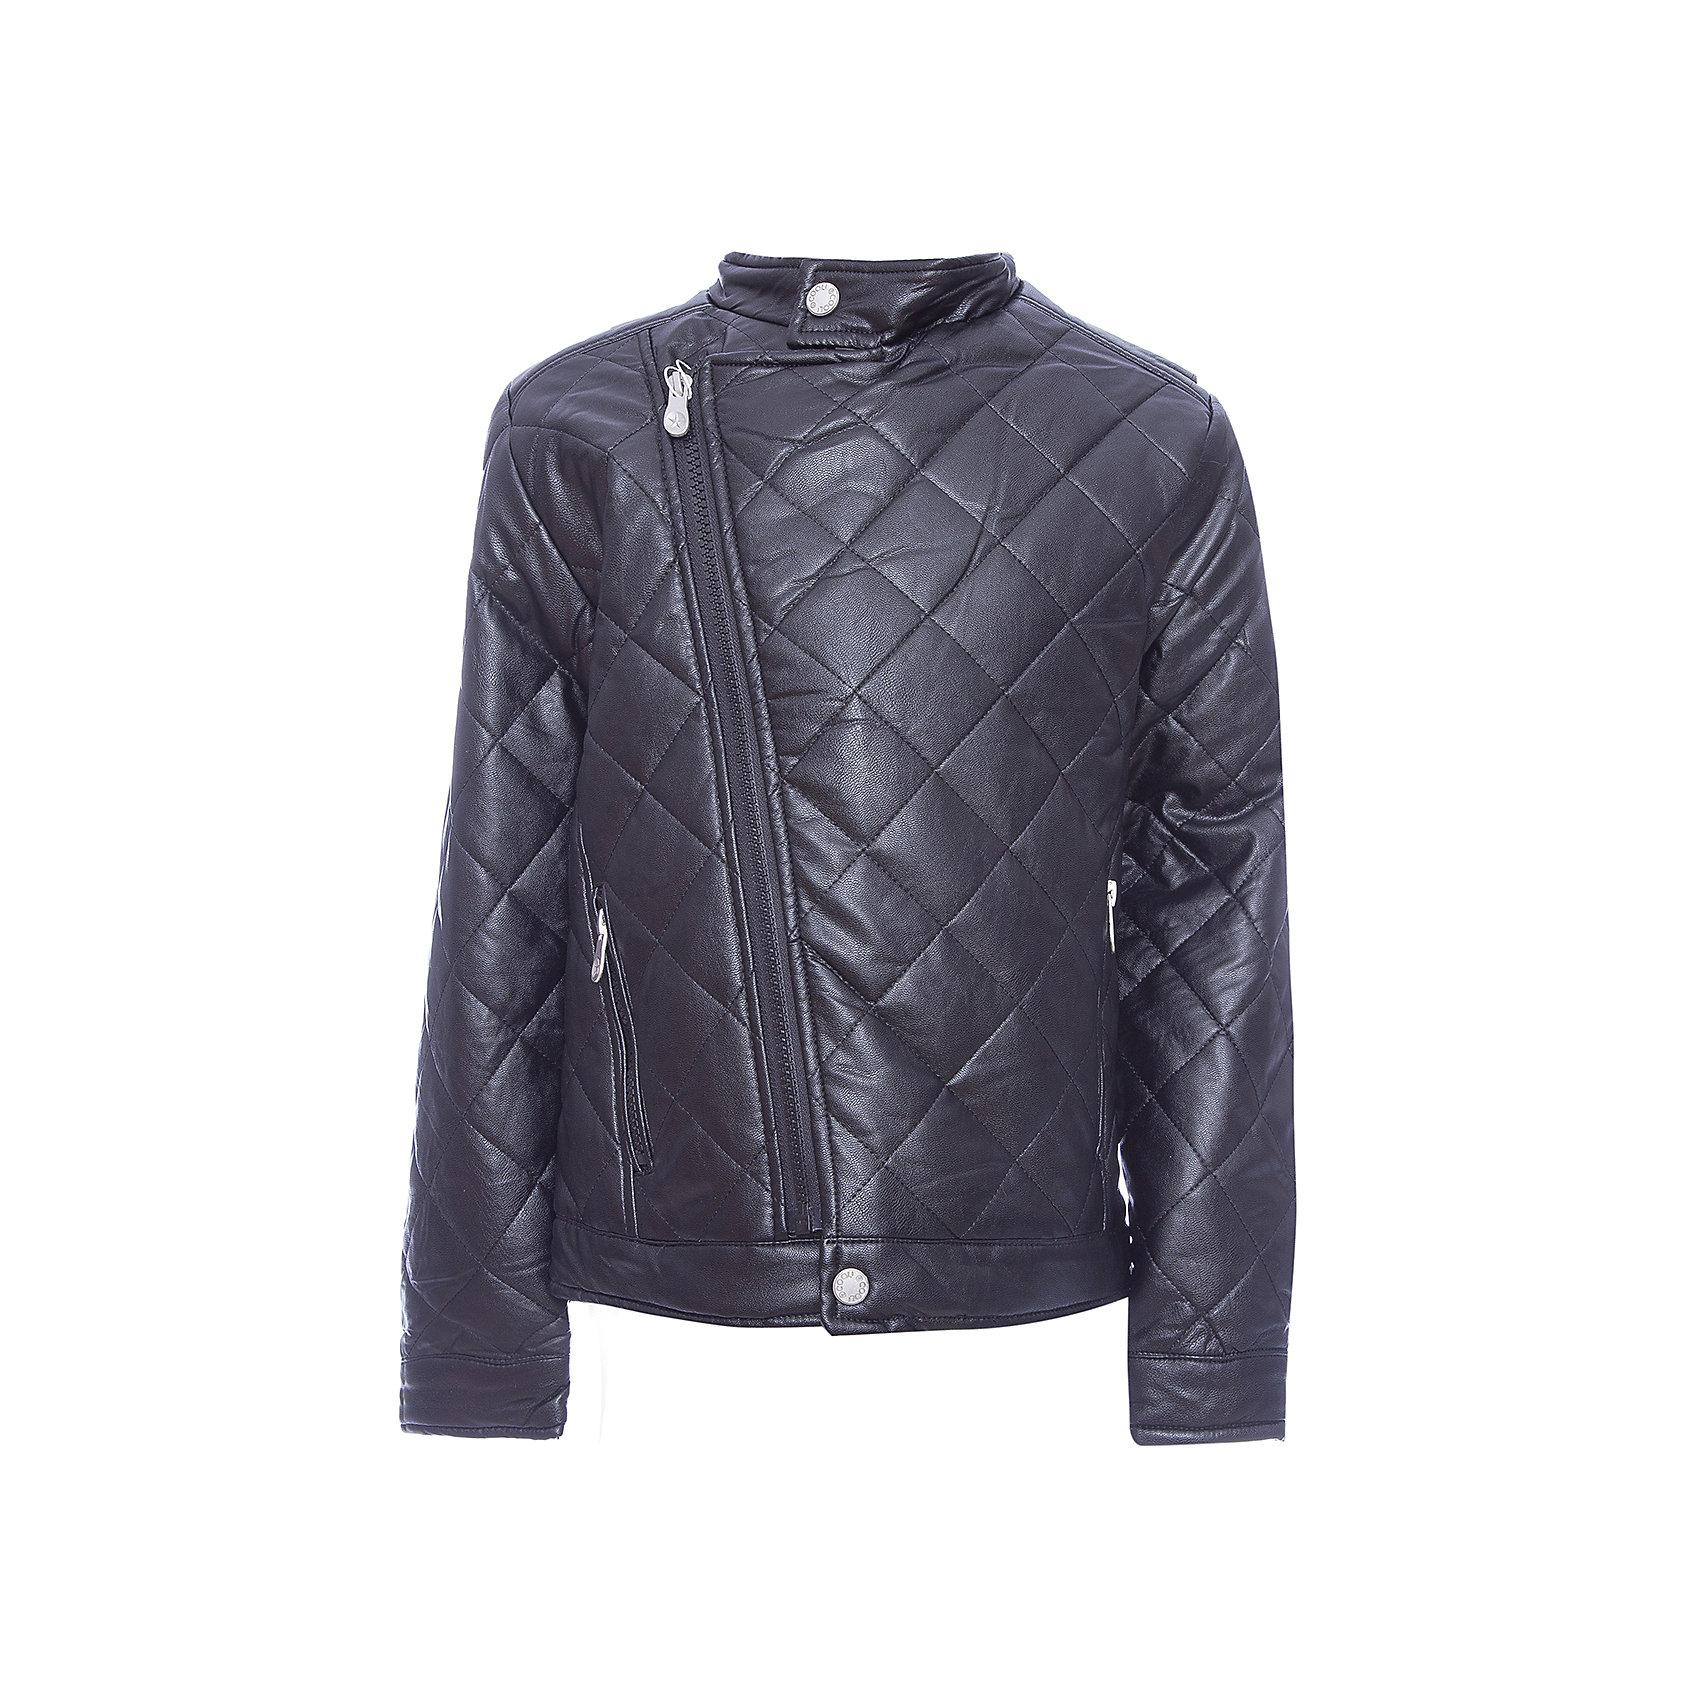 Куртка Scool для мальчикаВерхняя одежда<br>Куртка Scool для мальчика<br>Утепленная стеганная куртка - отличное решение для прохладной погоды.  Модель с воротником стойкой, рукава дополнены манжетами. Куртка выполнена из искусственной кожи. Асимметричное расположение застежки - молнии.<br>Состав:<br>Верх: 55% полиуретан, 45% вискоза, подкладка: 100% полиэстер, наполнитель - 100% полиэстер, 120 г/м2<br><br>Ширина мм: 356<br>Глубина мм: 10<br>Высота мм: 245<br>Вес г: 519<br>Цвет: черный<br>Возраст от месяцев: 156<br>Возраст до месяцев: 168<br>Пол: Мужской<br>Возраст: Детский<br>Размер: 164,134,140,146,152,158<br>SKU: 7104695